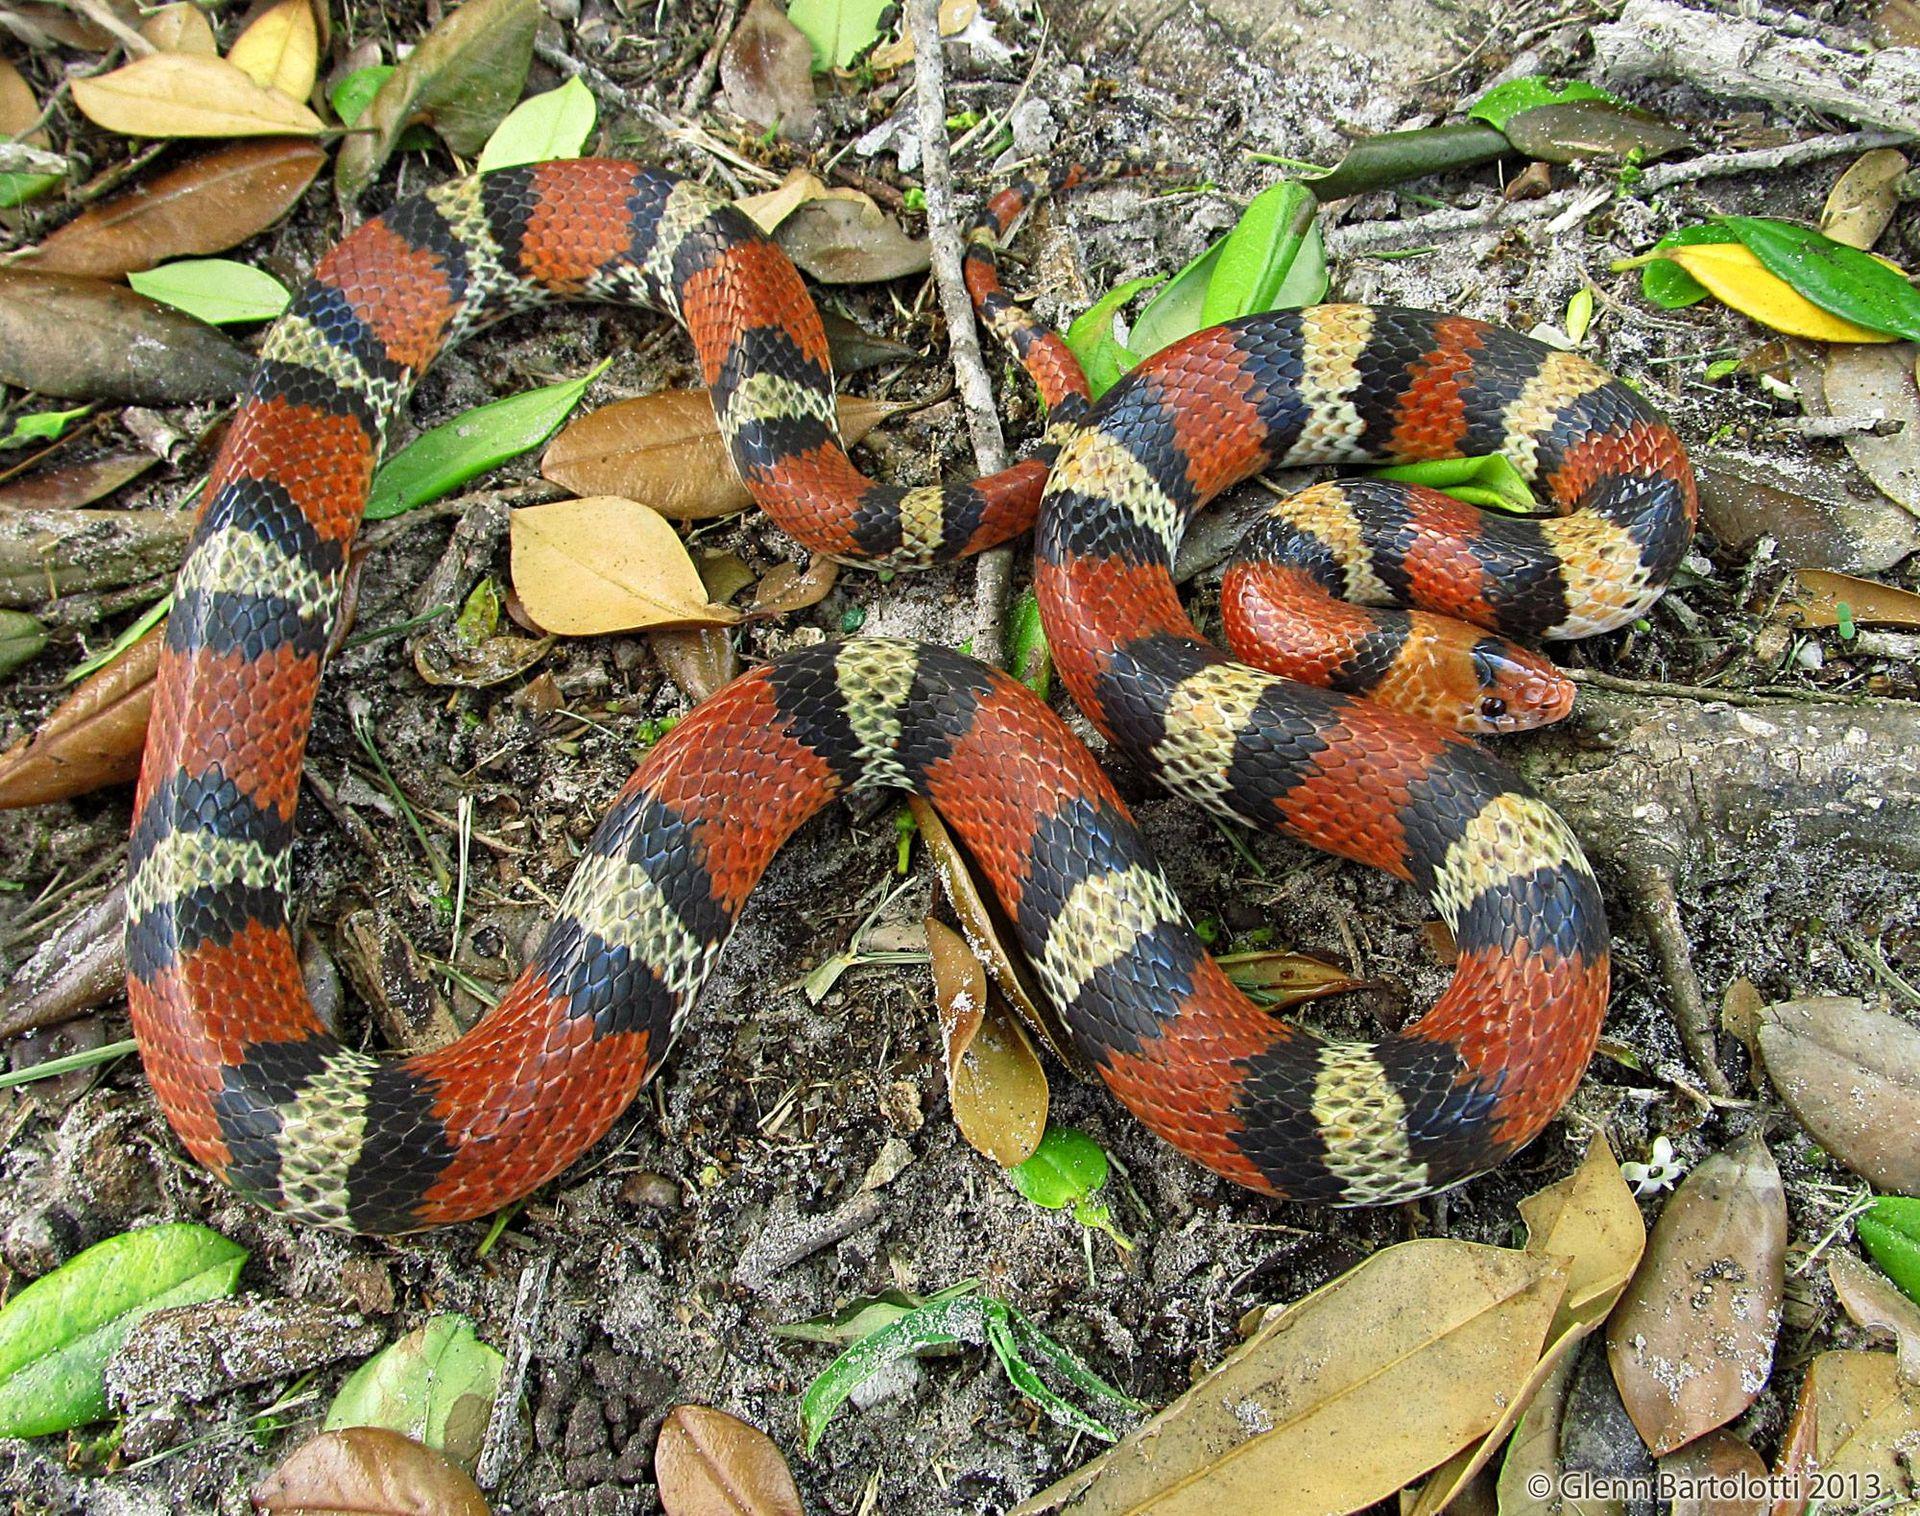 The Scarlet Snake by By Glenn Bartolotti